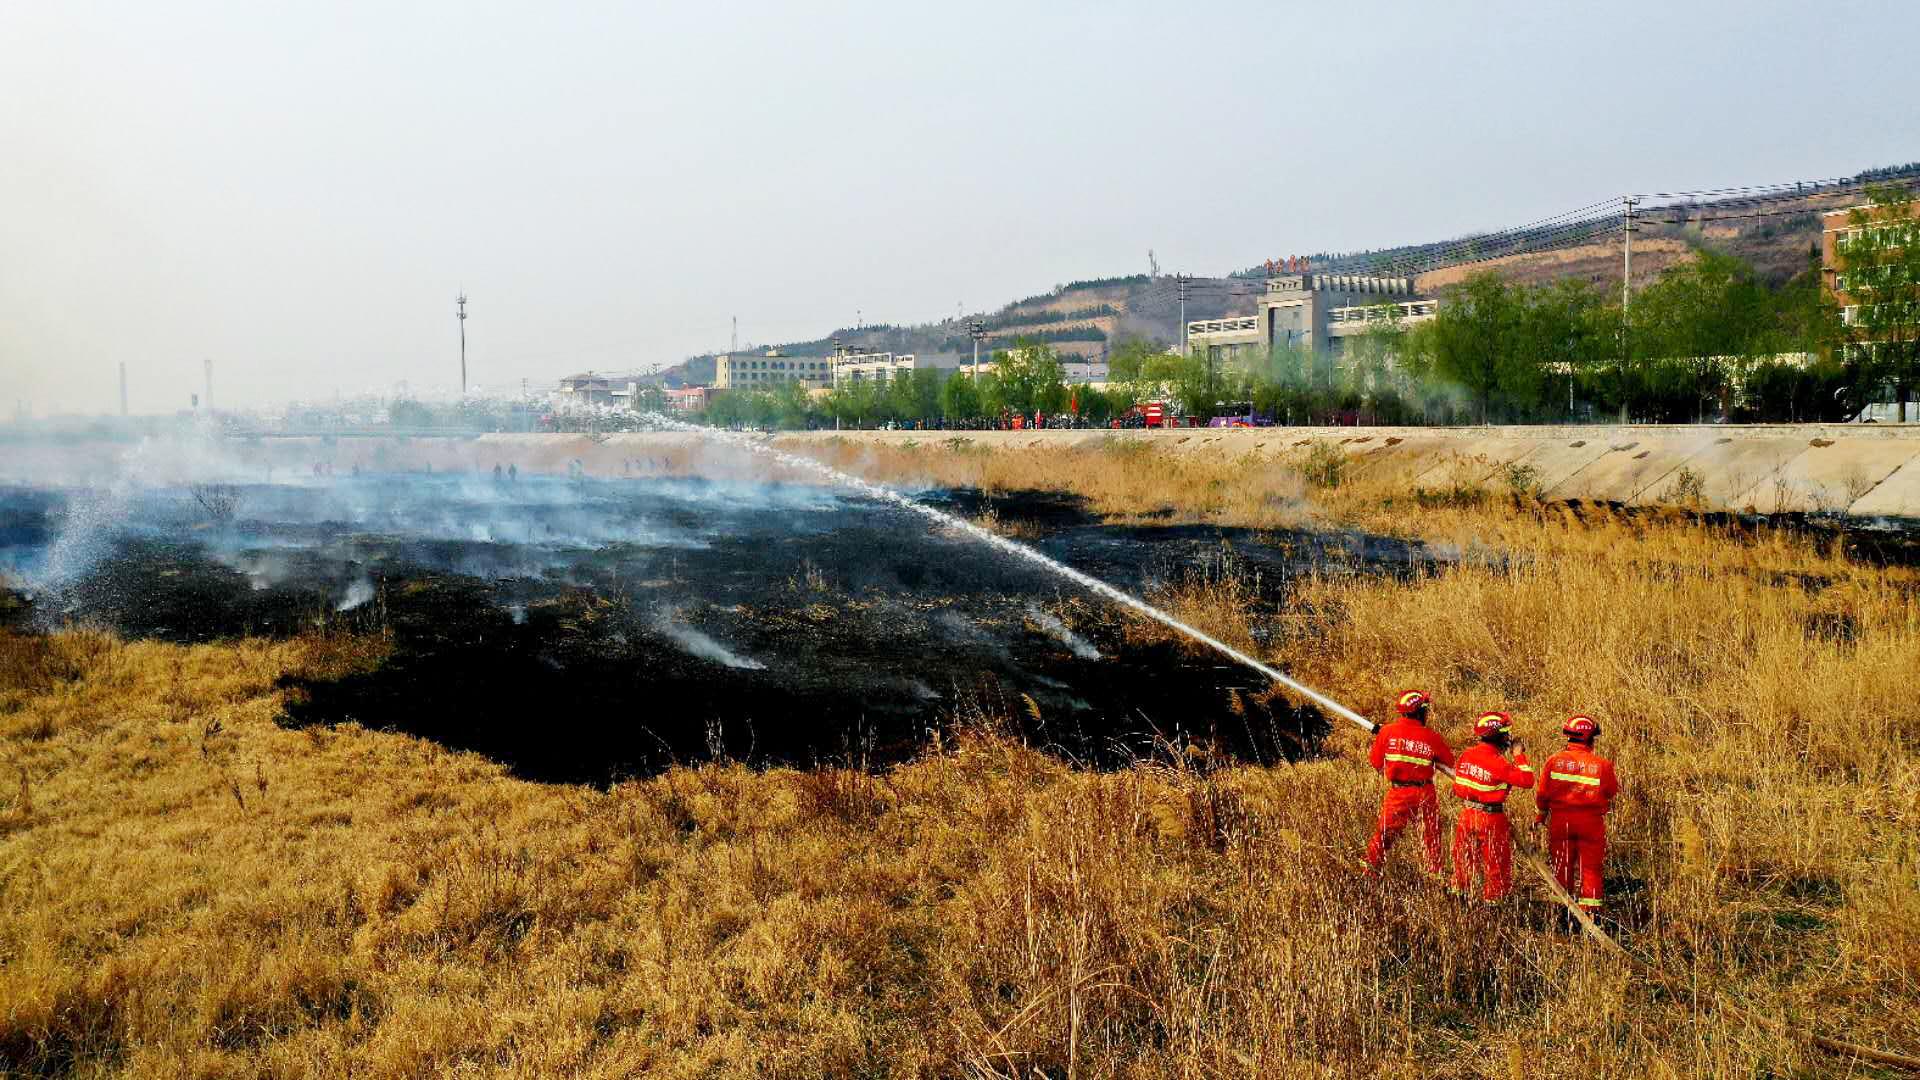 湖滨区武装部组织应急分队进行森林防火演练